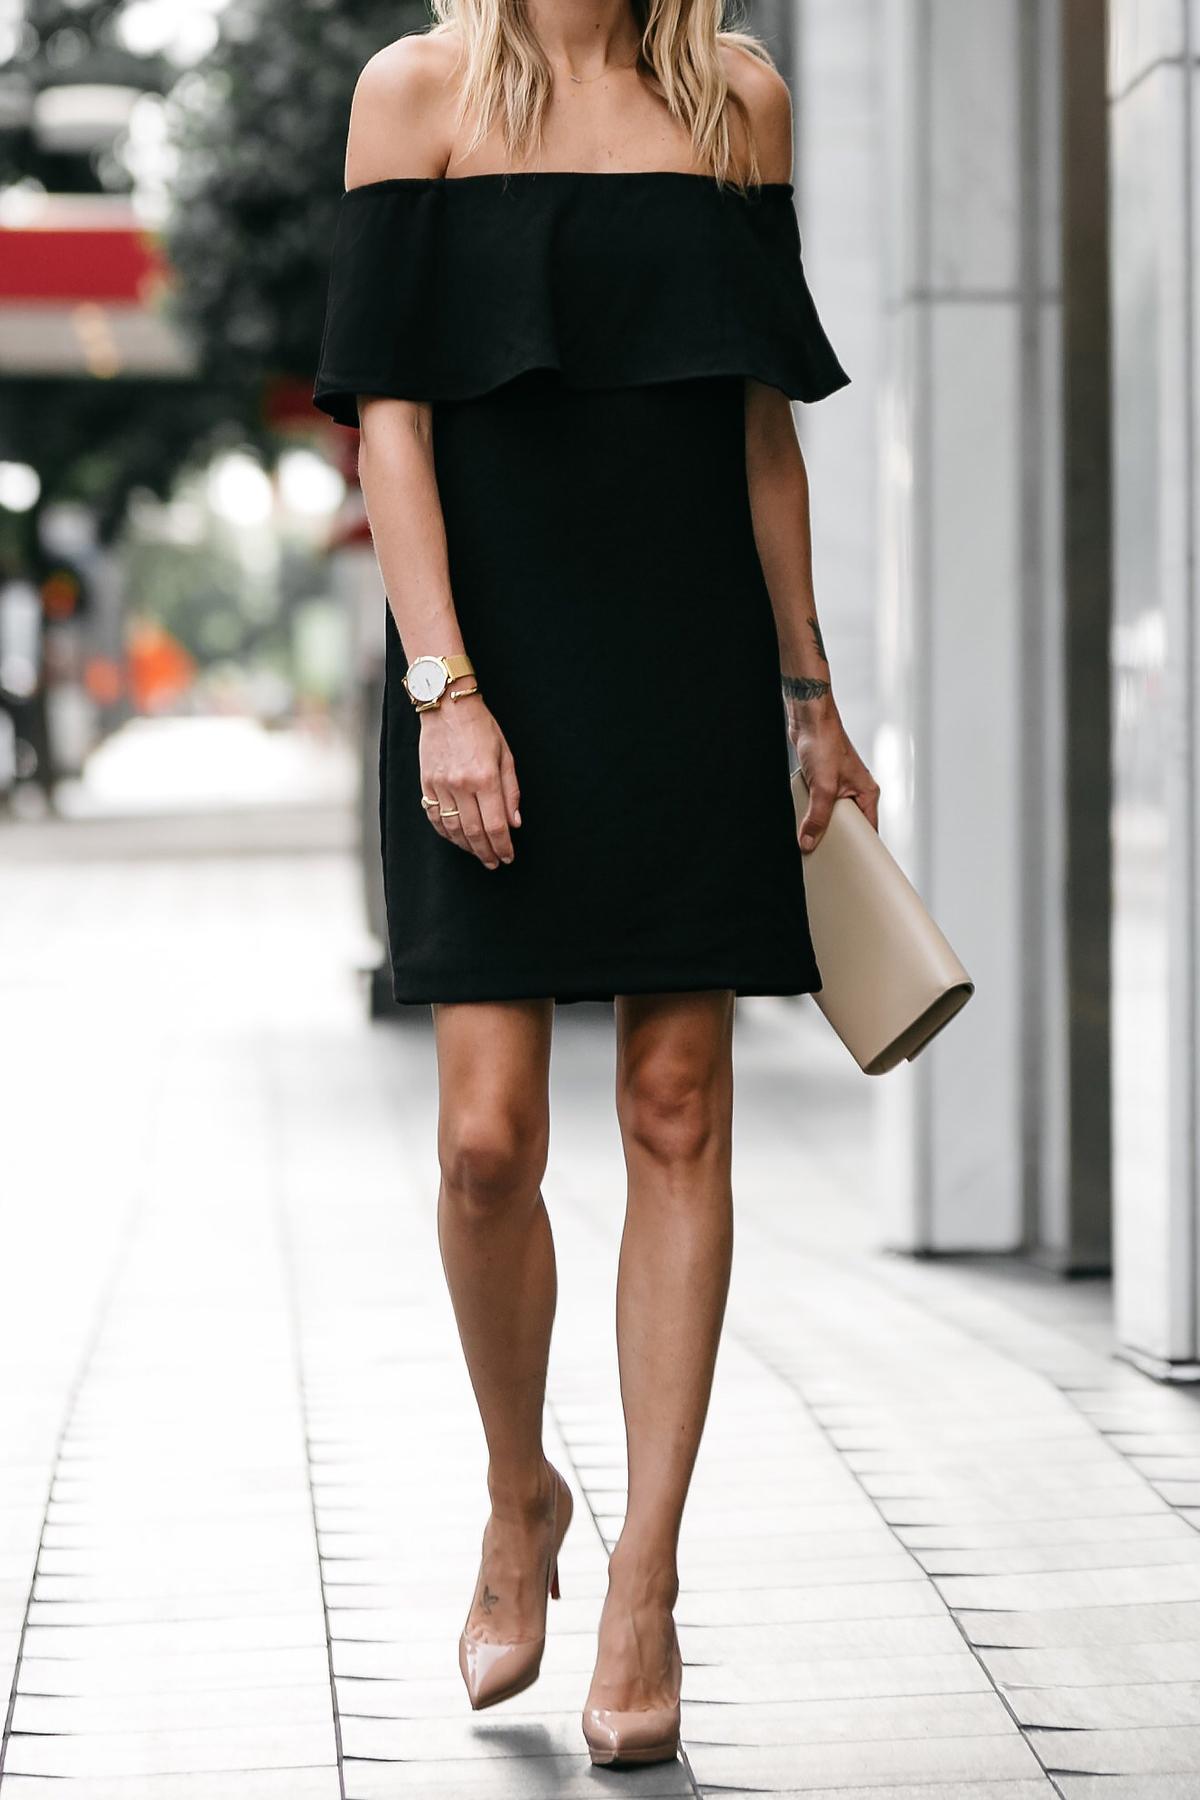 Under 100 Off The Shoulder Black Dress  Fashion Jackson-4564